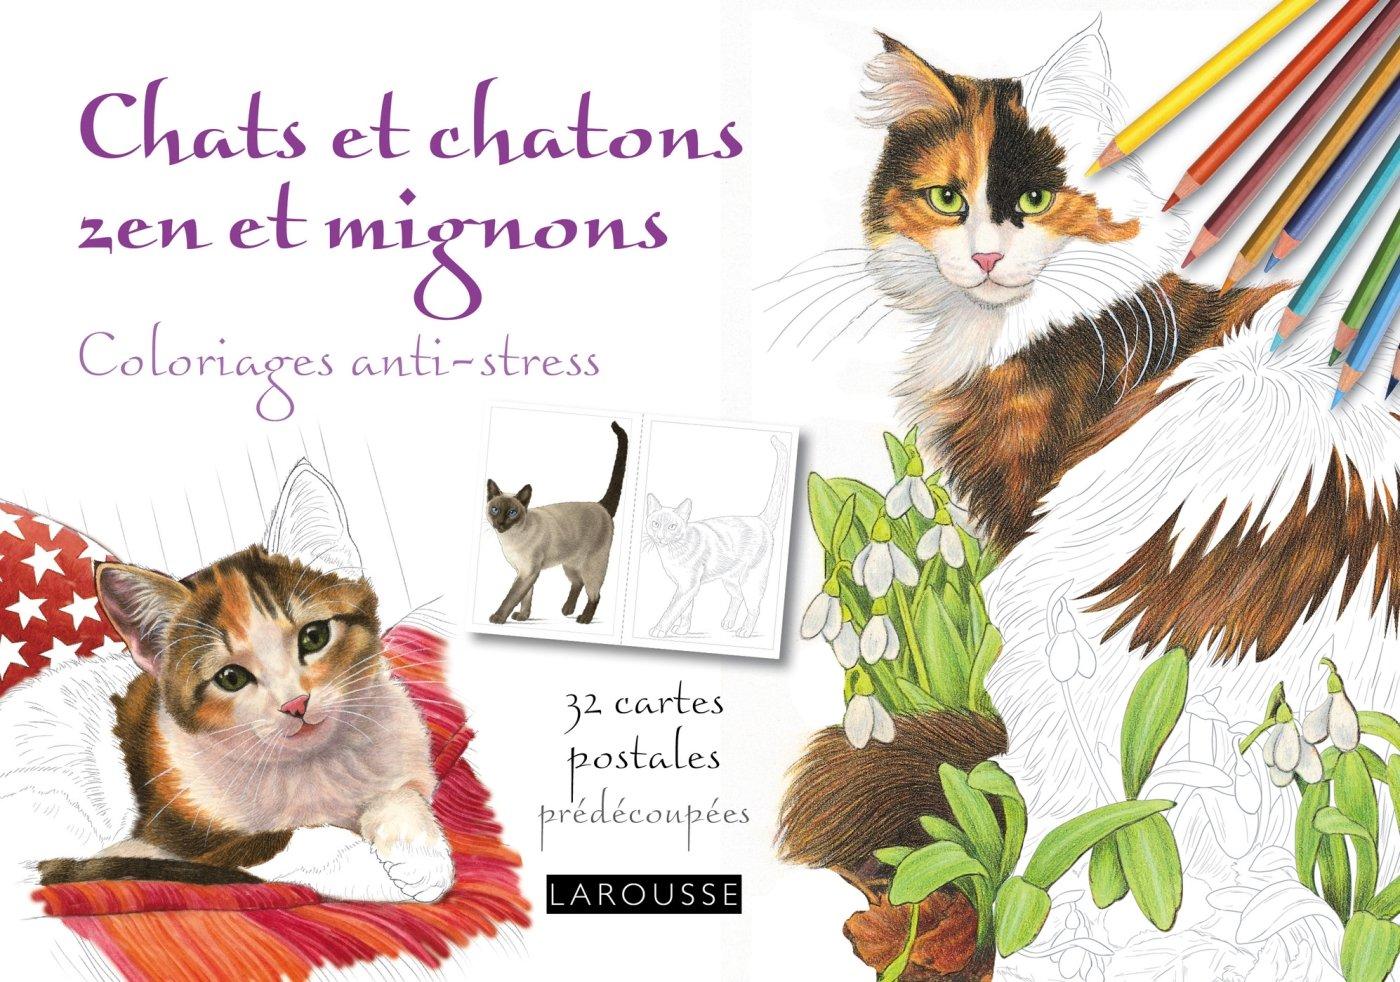 Chats et chatons zen et mignons : Coloriages anti-stress